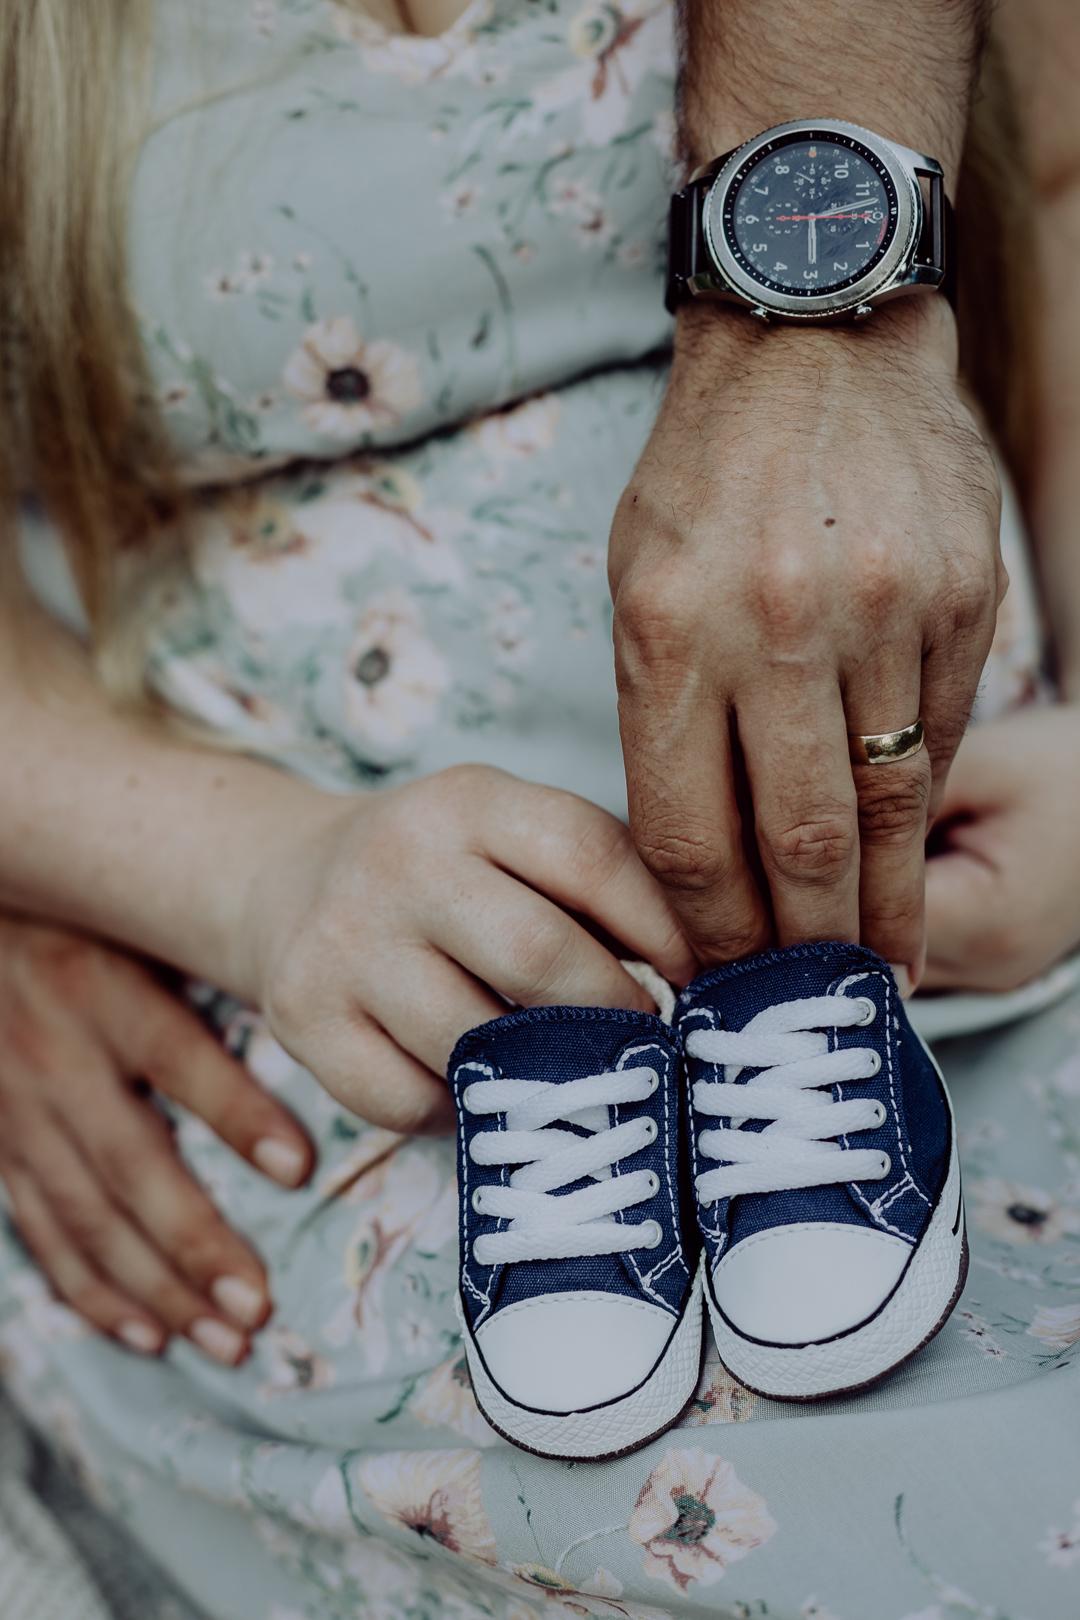 Lisa&Jonny–Fotoreihe-sRGB-72dpi-90pz-_70A3471